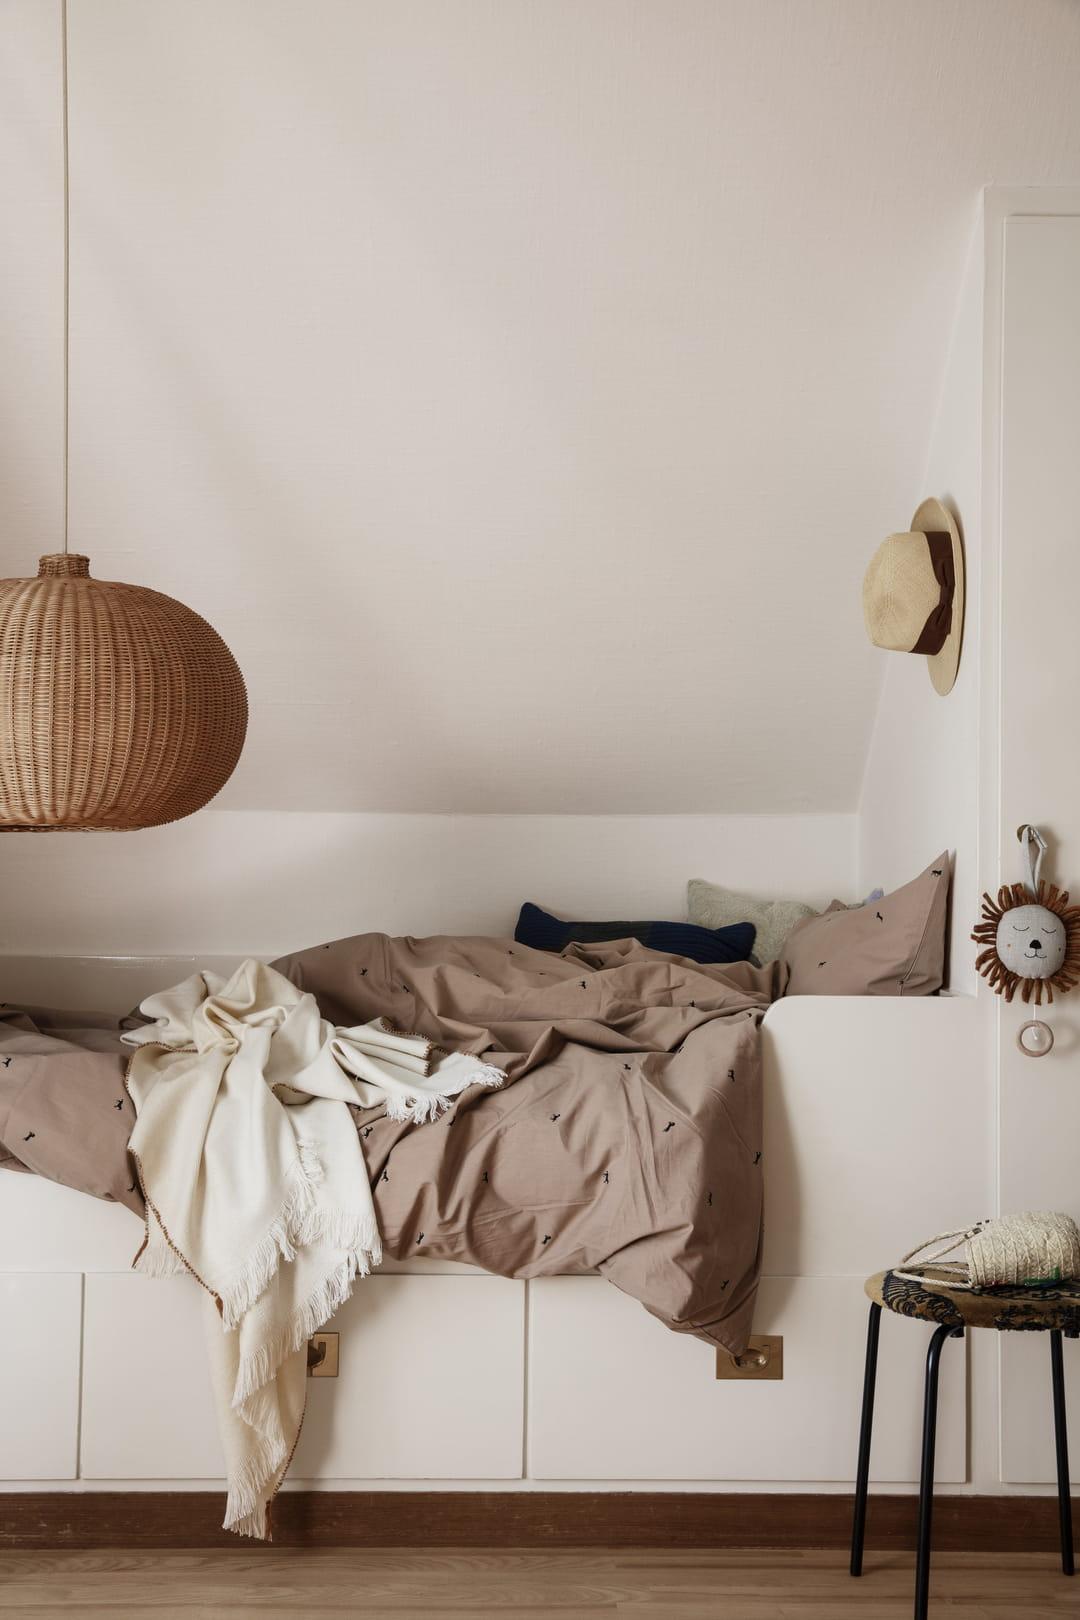 decoration-couleurs-terre-cuite-nude